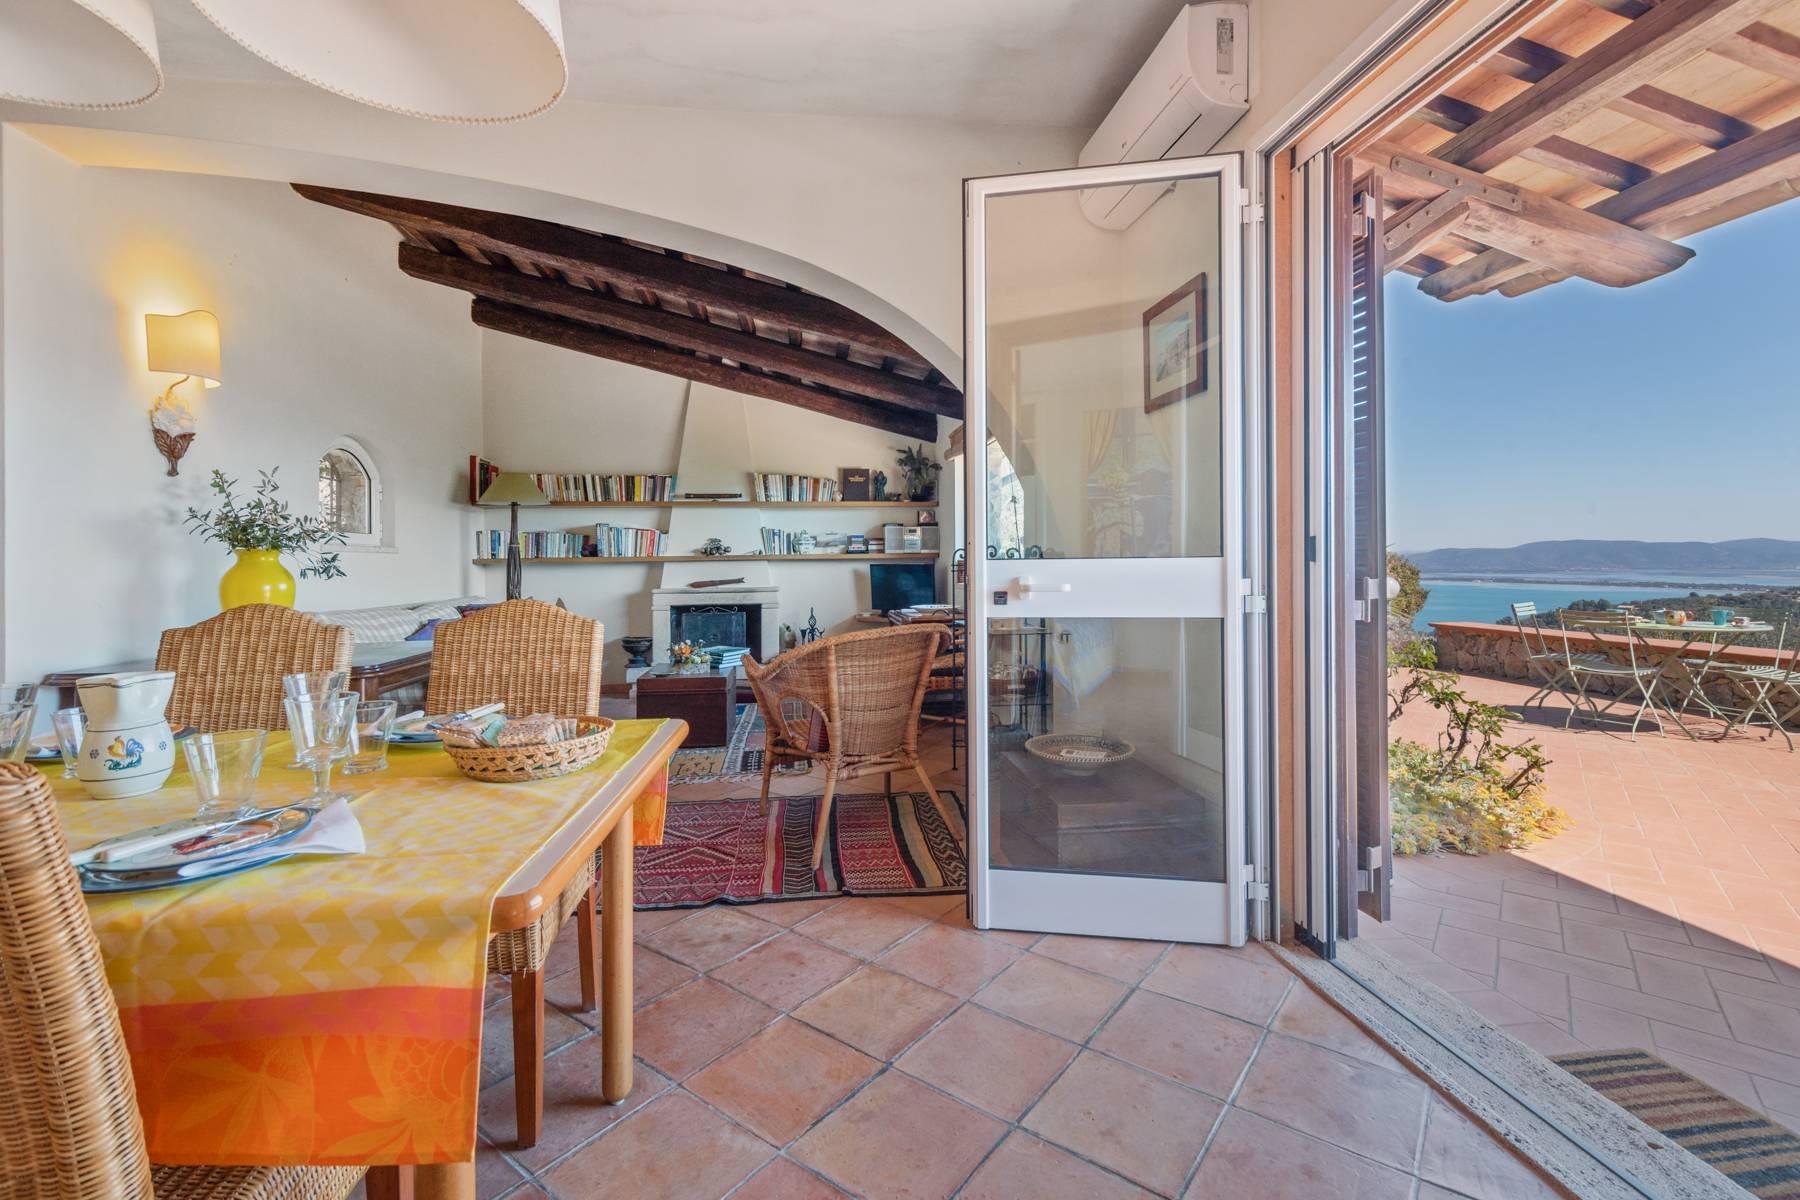 Villa in Vendita a Monte Argentario: 5 locali, 124 mq - Foto 6